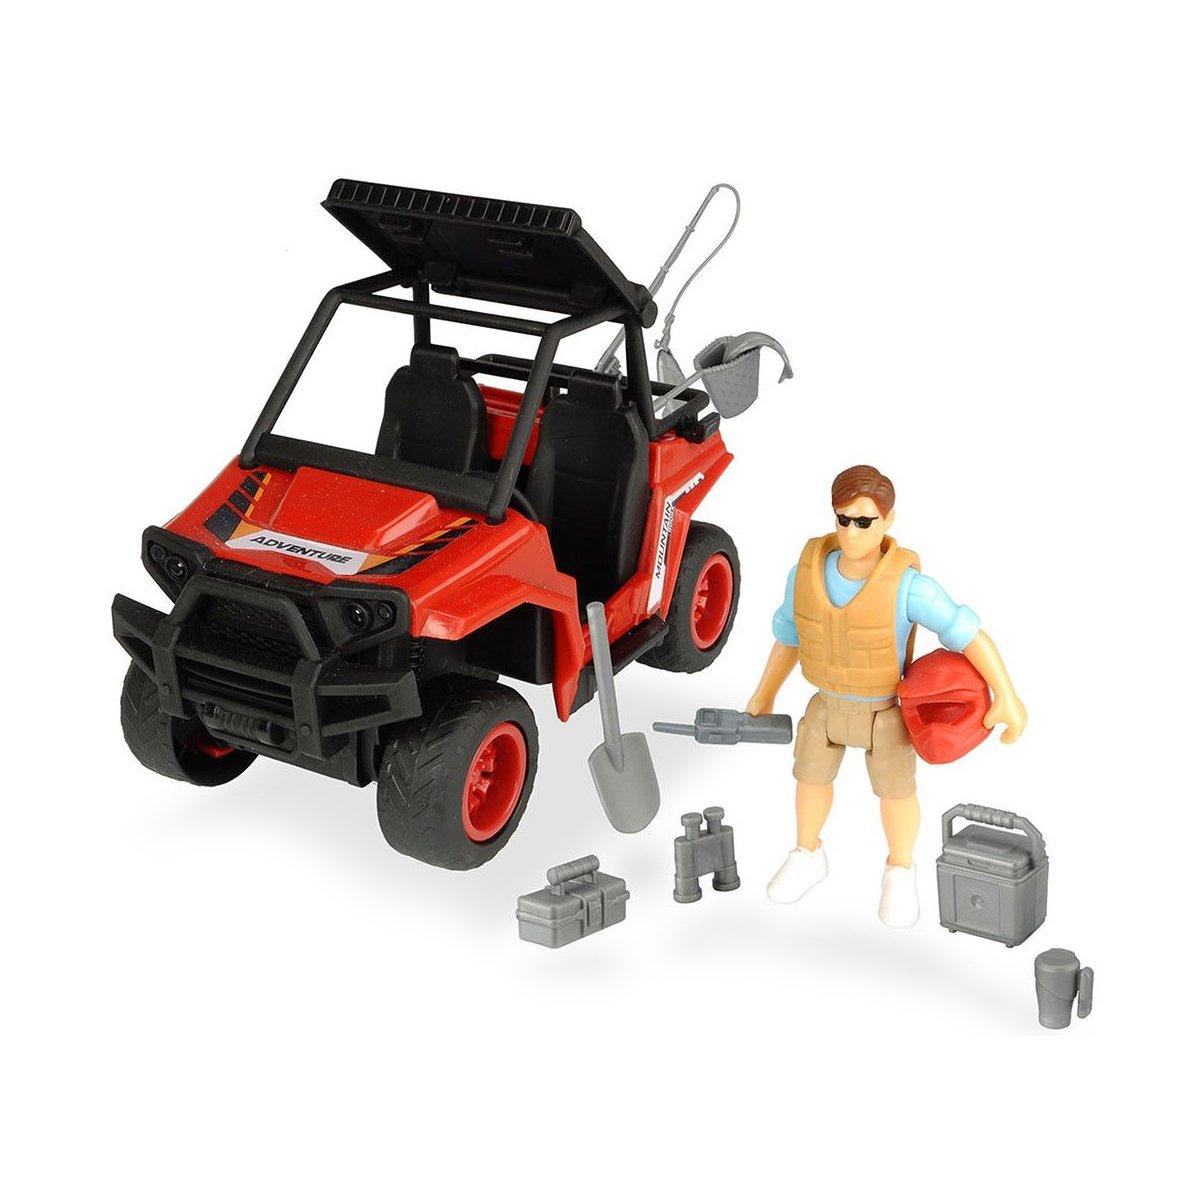 Set de joca cu Masina de teren si Figurina cu accesorii Dickie Toys Playlife